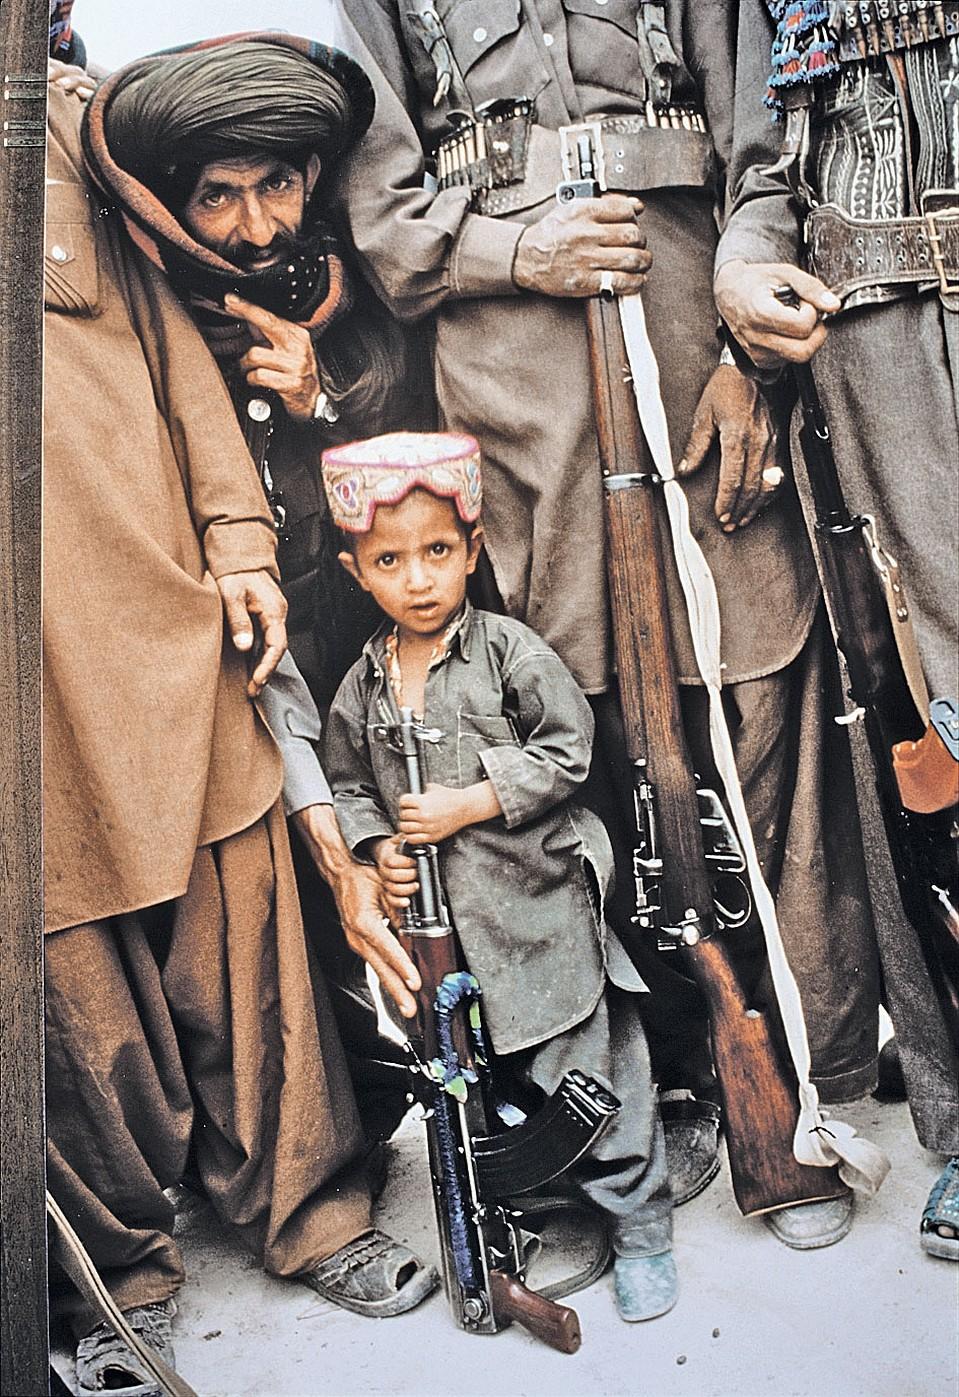 Душманы на той войне любили позировать репортерам. И выставлять вперед детей - для сочувствия. Впрочем, и сегодня они выглядят почти так же... Фото: GLOBAL LOOK PRESS